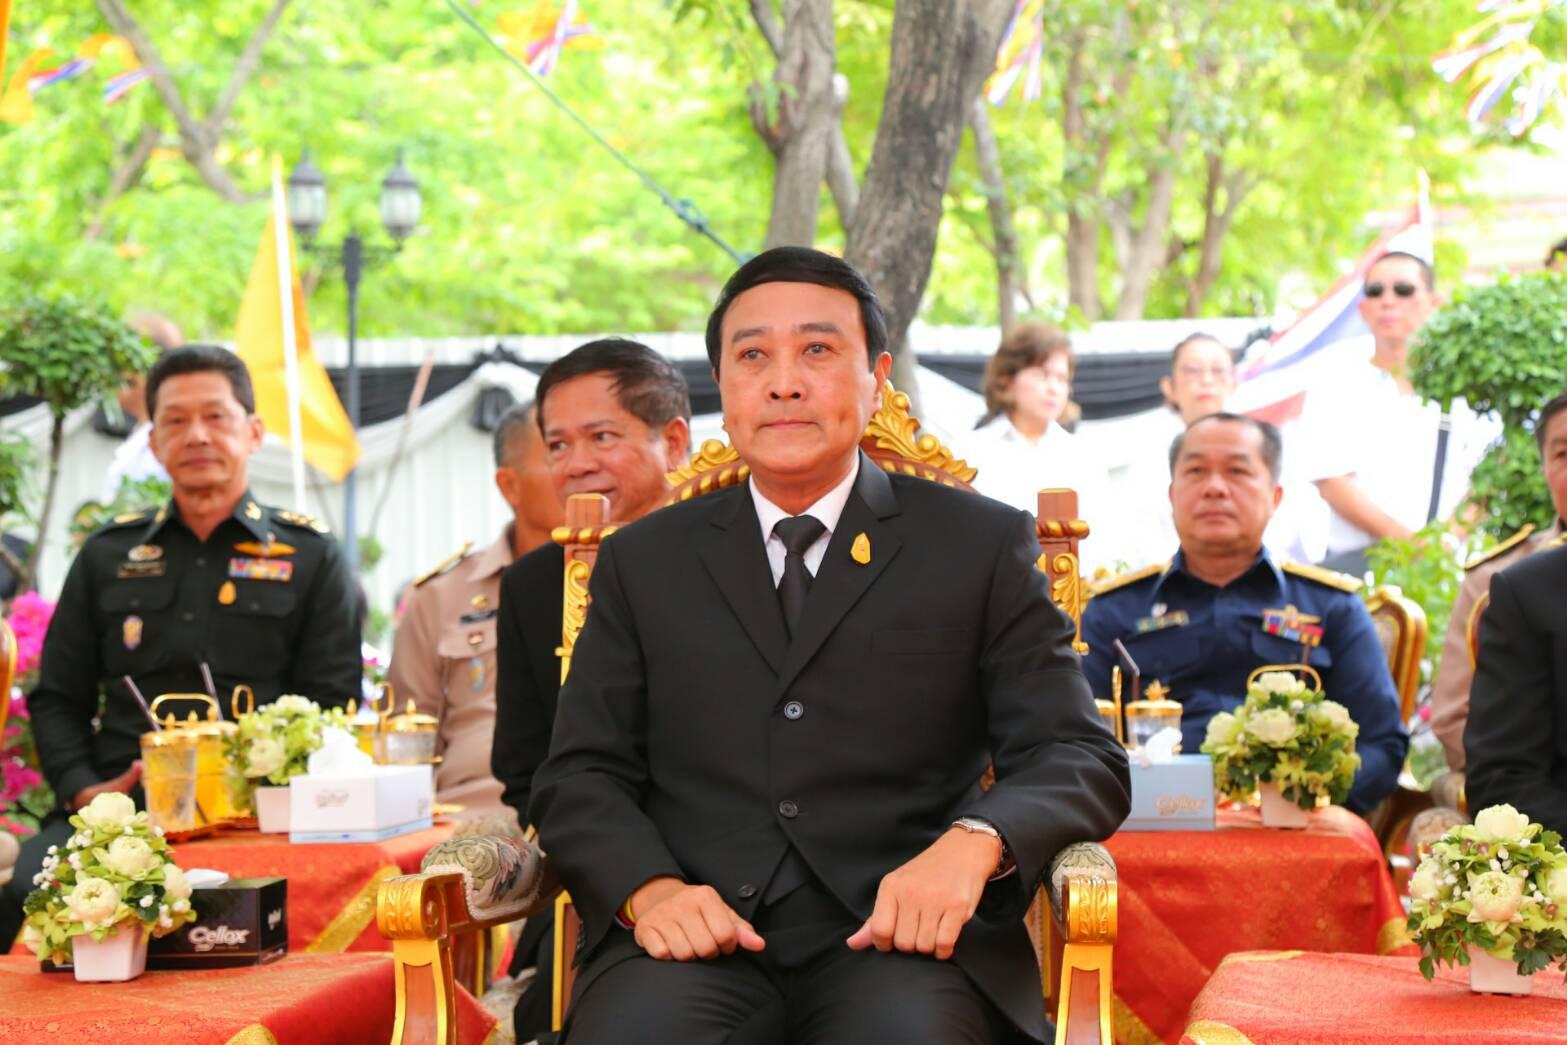 พล.อ.อุดมเดช สีตบุตร รมช.กห. เป็นประธานฝ่ายฆารวาสในพิธีเททองหล่อรูปเหมือนสมเด็จพระพุฒาจารย์ (โต พรหมรังสีมหาเถร)